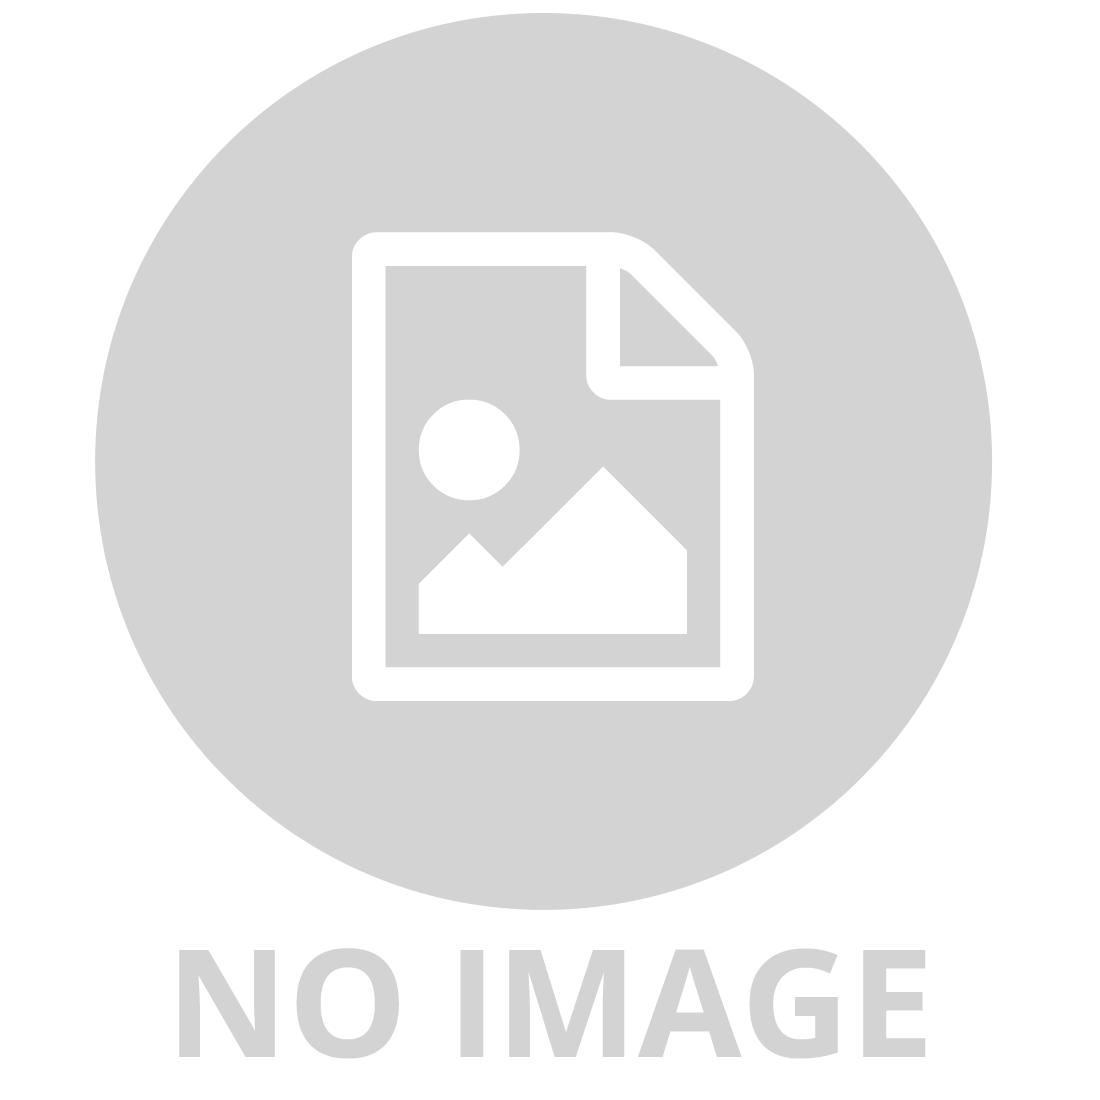 WWE CHAMPIONSHIP TITLE BELT NXT CHAMPIONSHIP